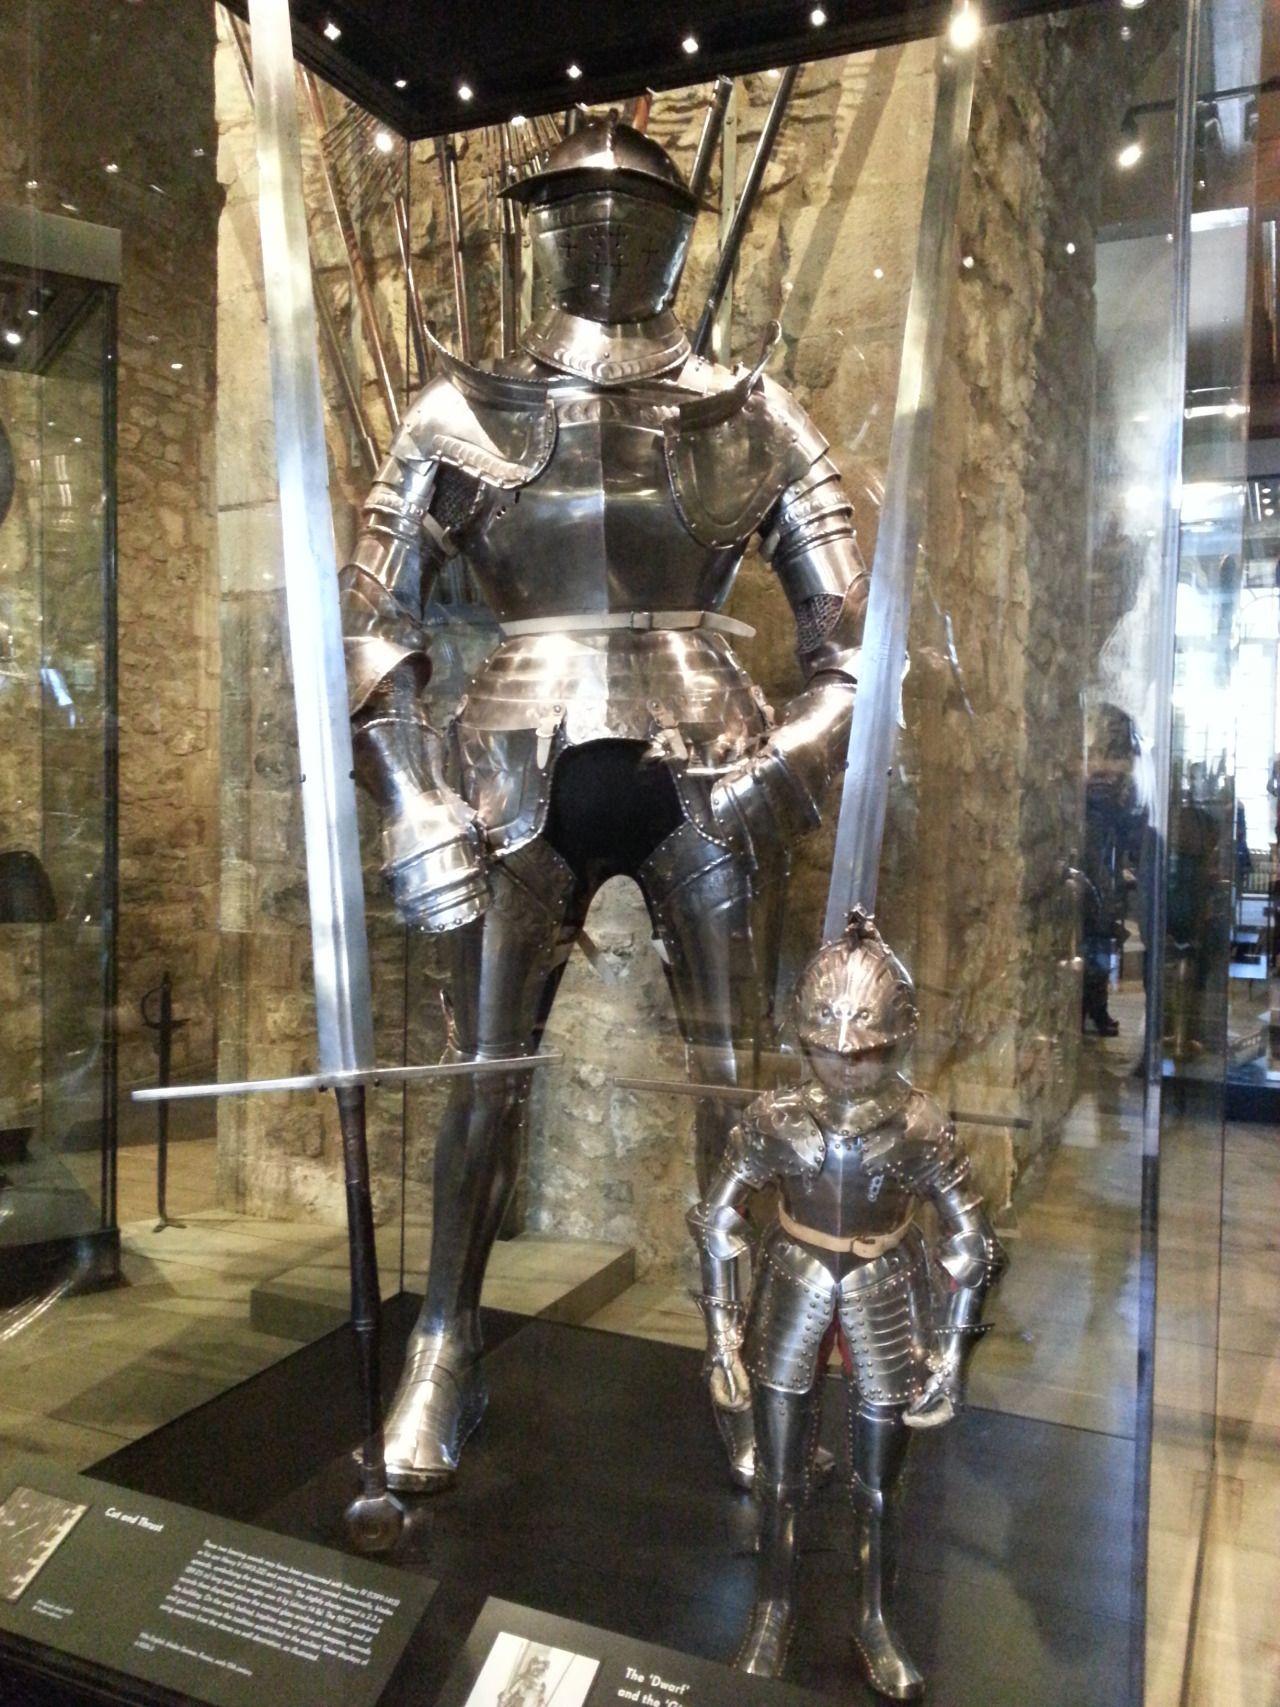 Ninjalinslondon ロンドン塔 ホワイト タワーでロイヤル武器庫 ジャイアント アーマーはドイツの騎士プレートアーマーです 1540年 子供の騎士アーマー 多分イギリス 1610年 そして Tower Of London London Sightseeing Medieval Knight